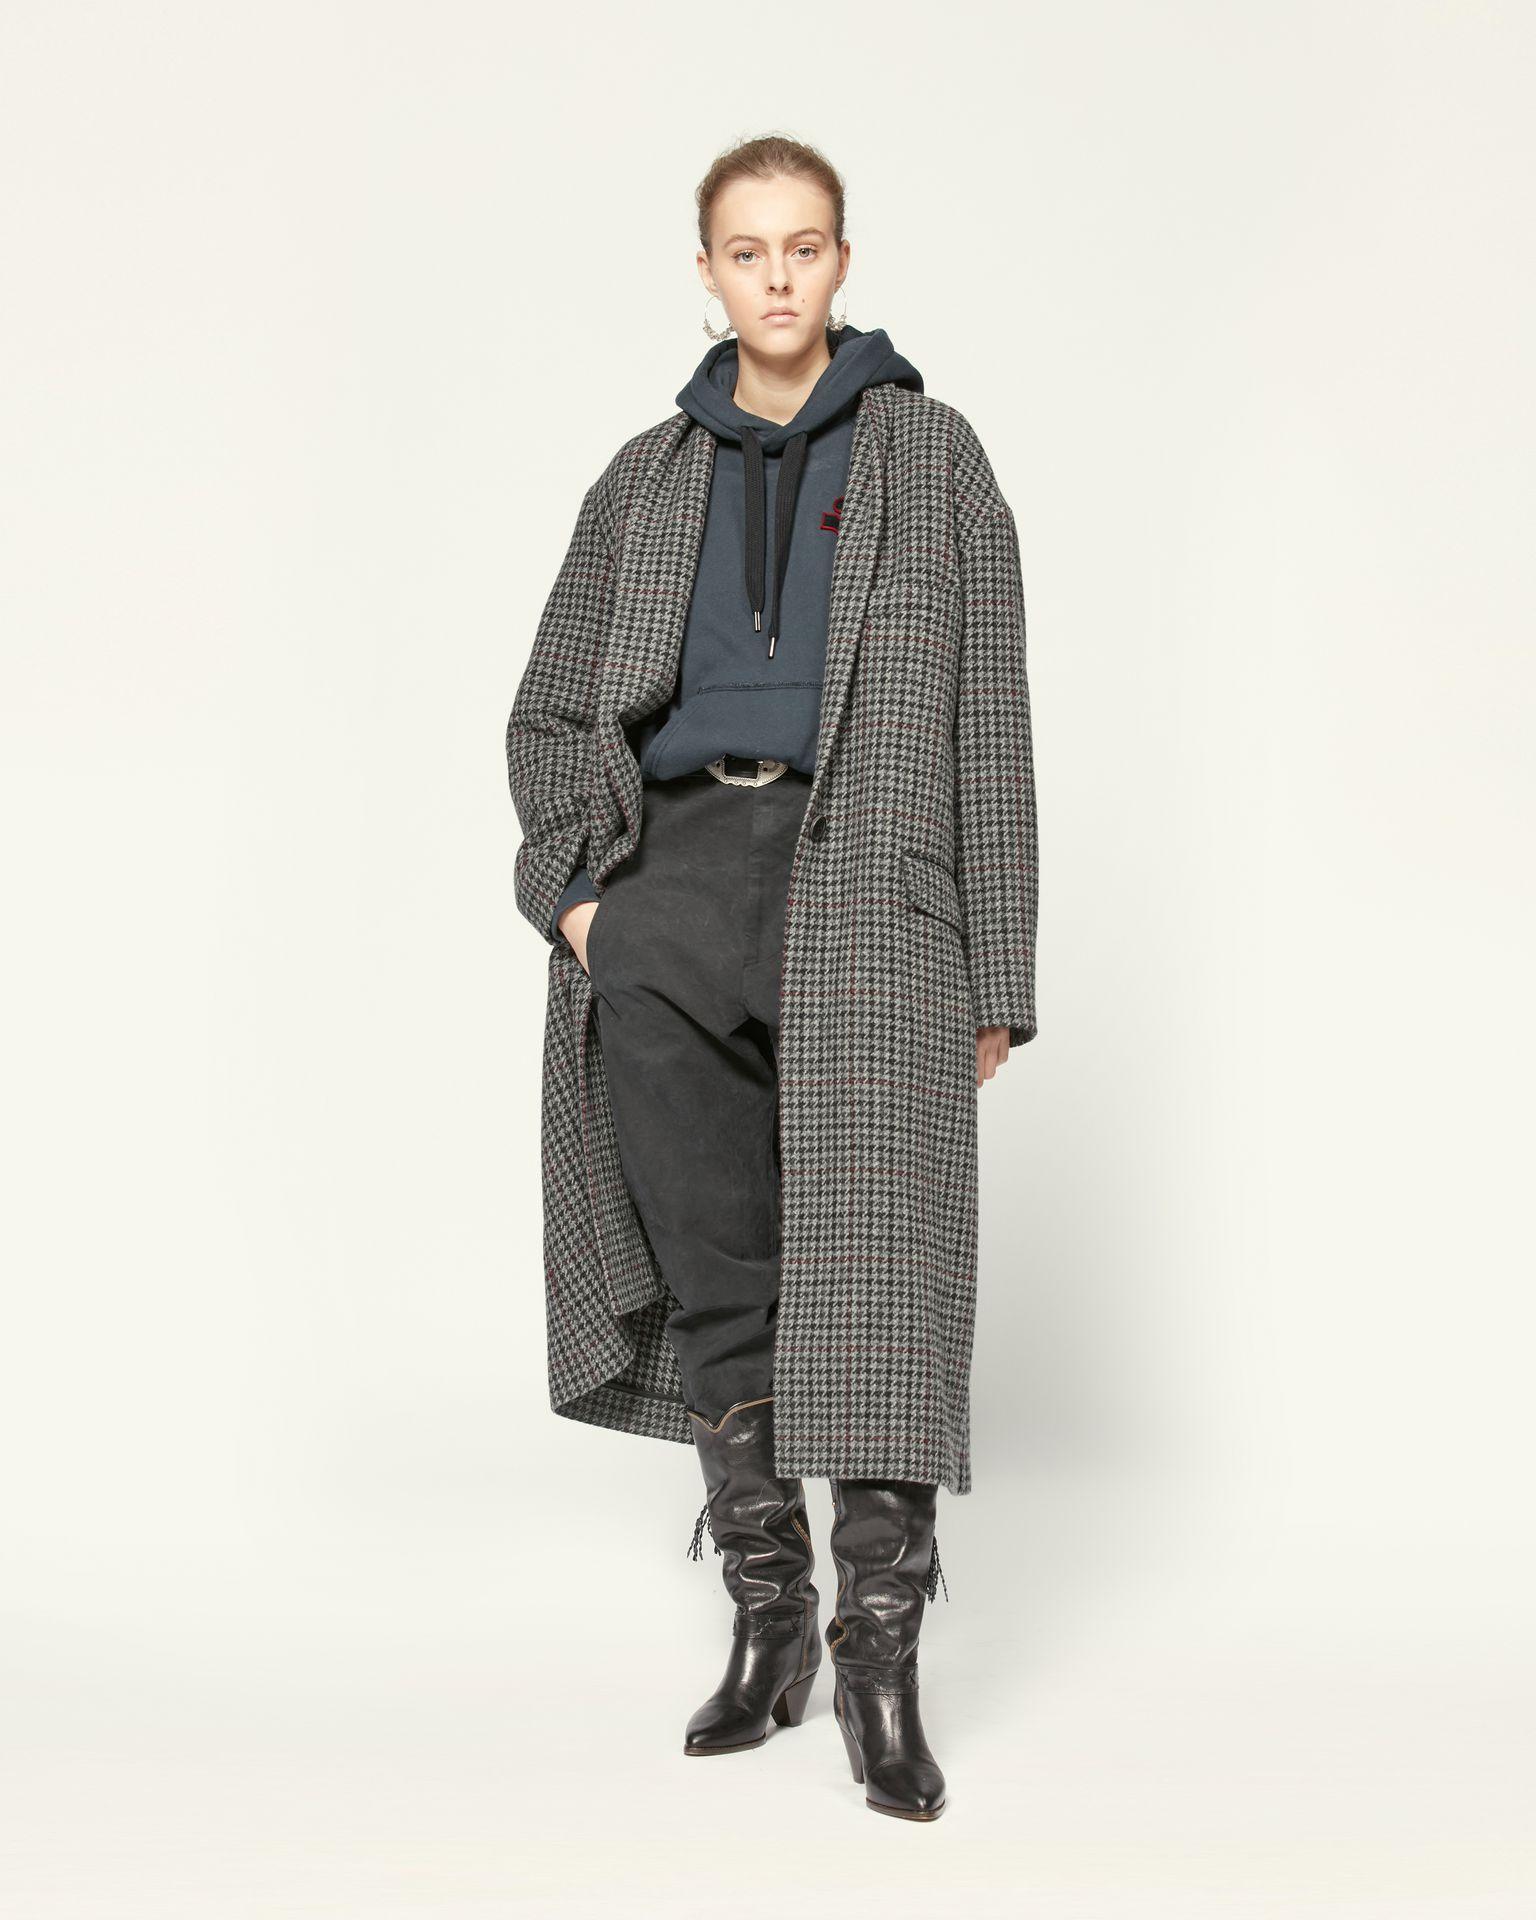 Cappotto a quadri, il trend classico e glamour dell'Inverno 2021